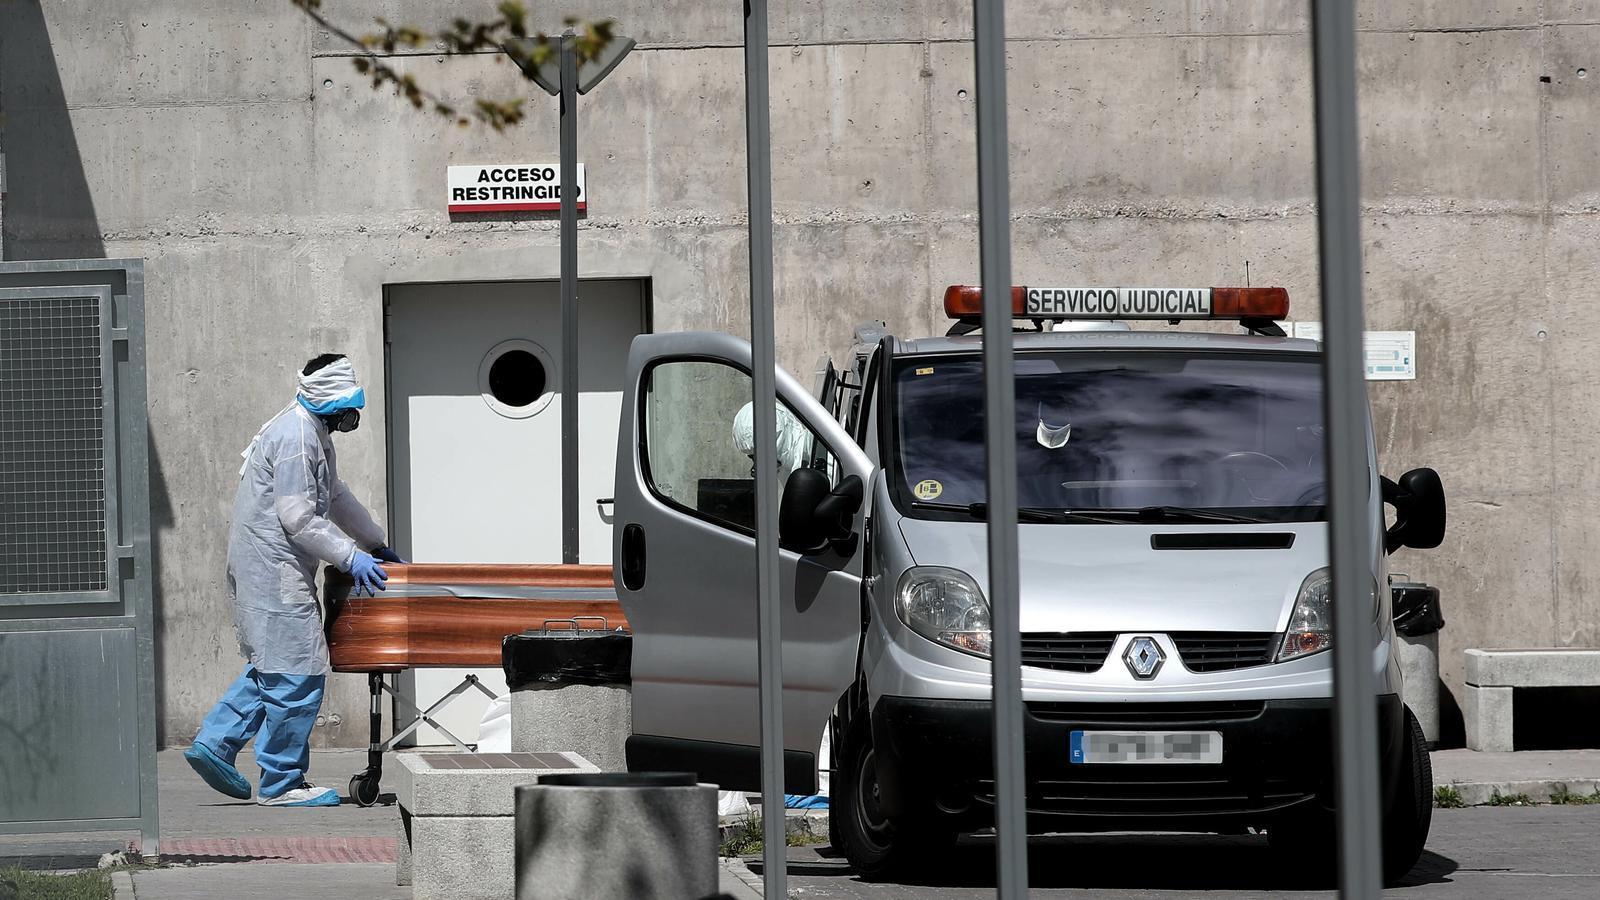 Imatge d'un fèretre sortint d'una residència de Madrid